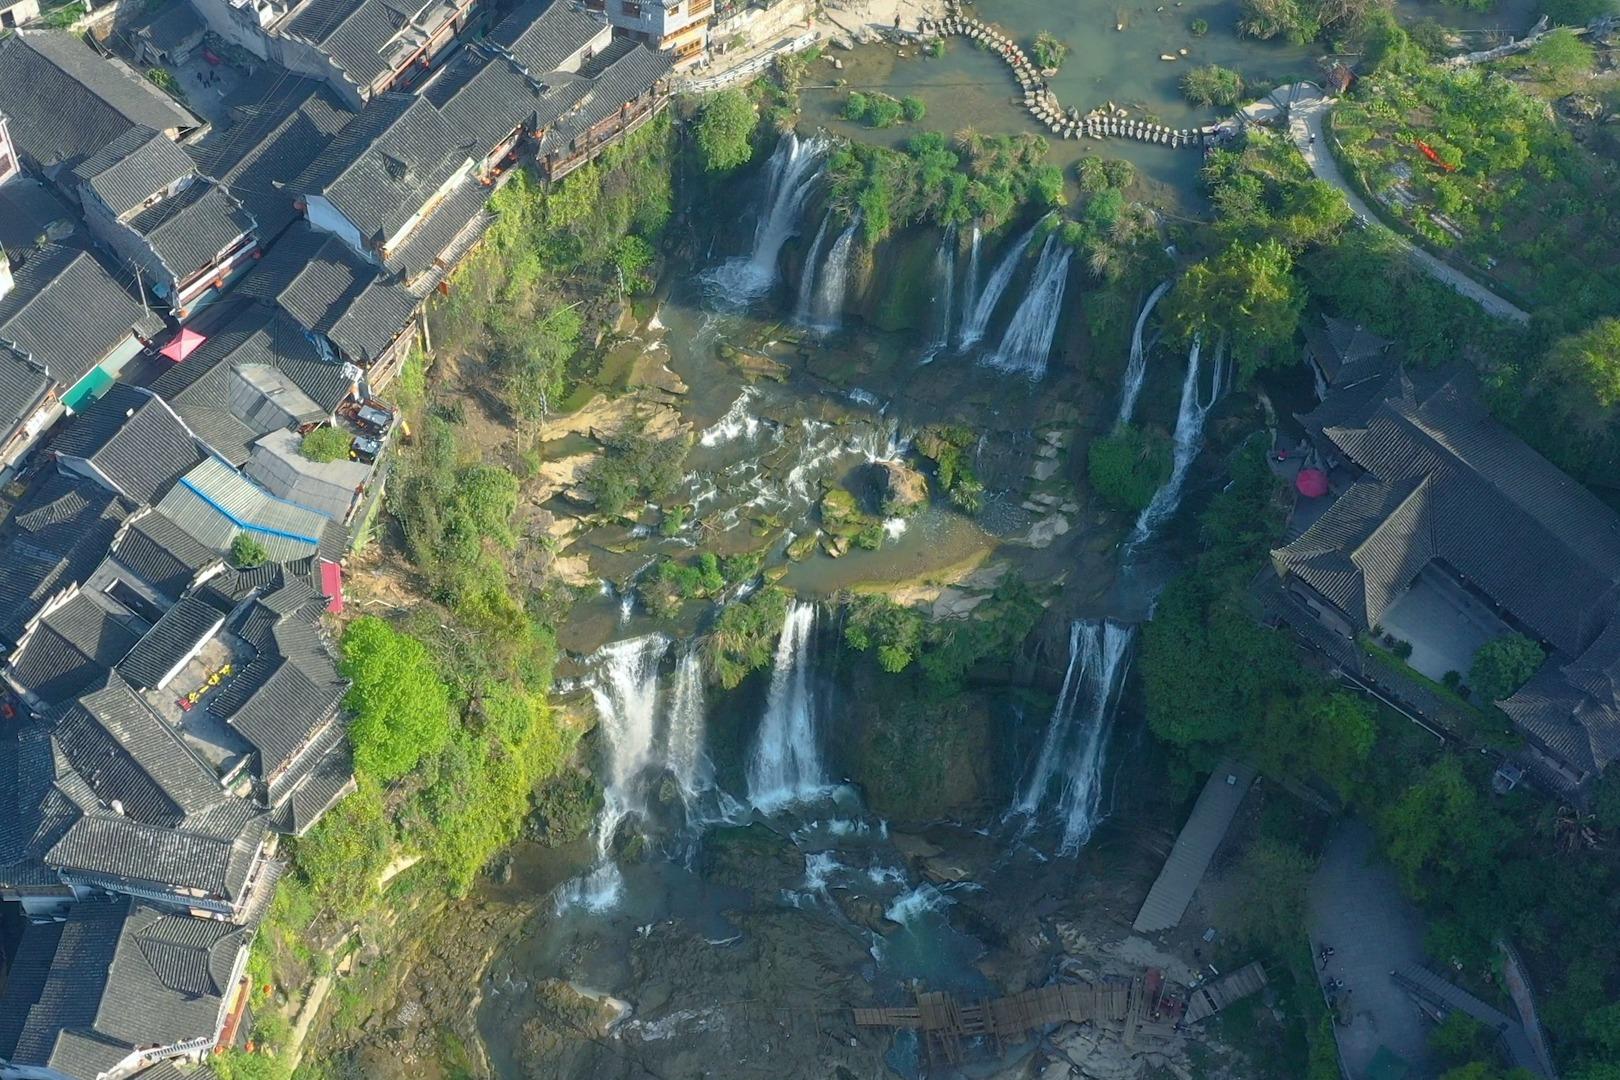 湖南有个不著名的古镇,比凤凰古镇更美,镇前有一条壮观的瀑布